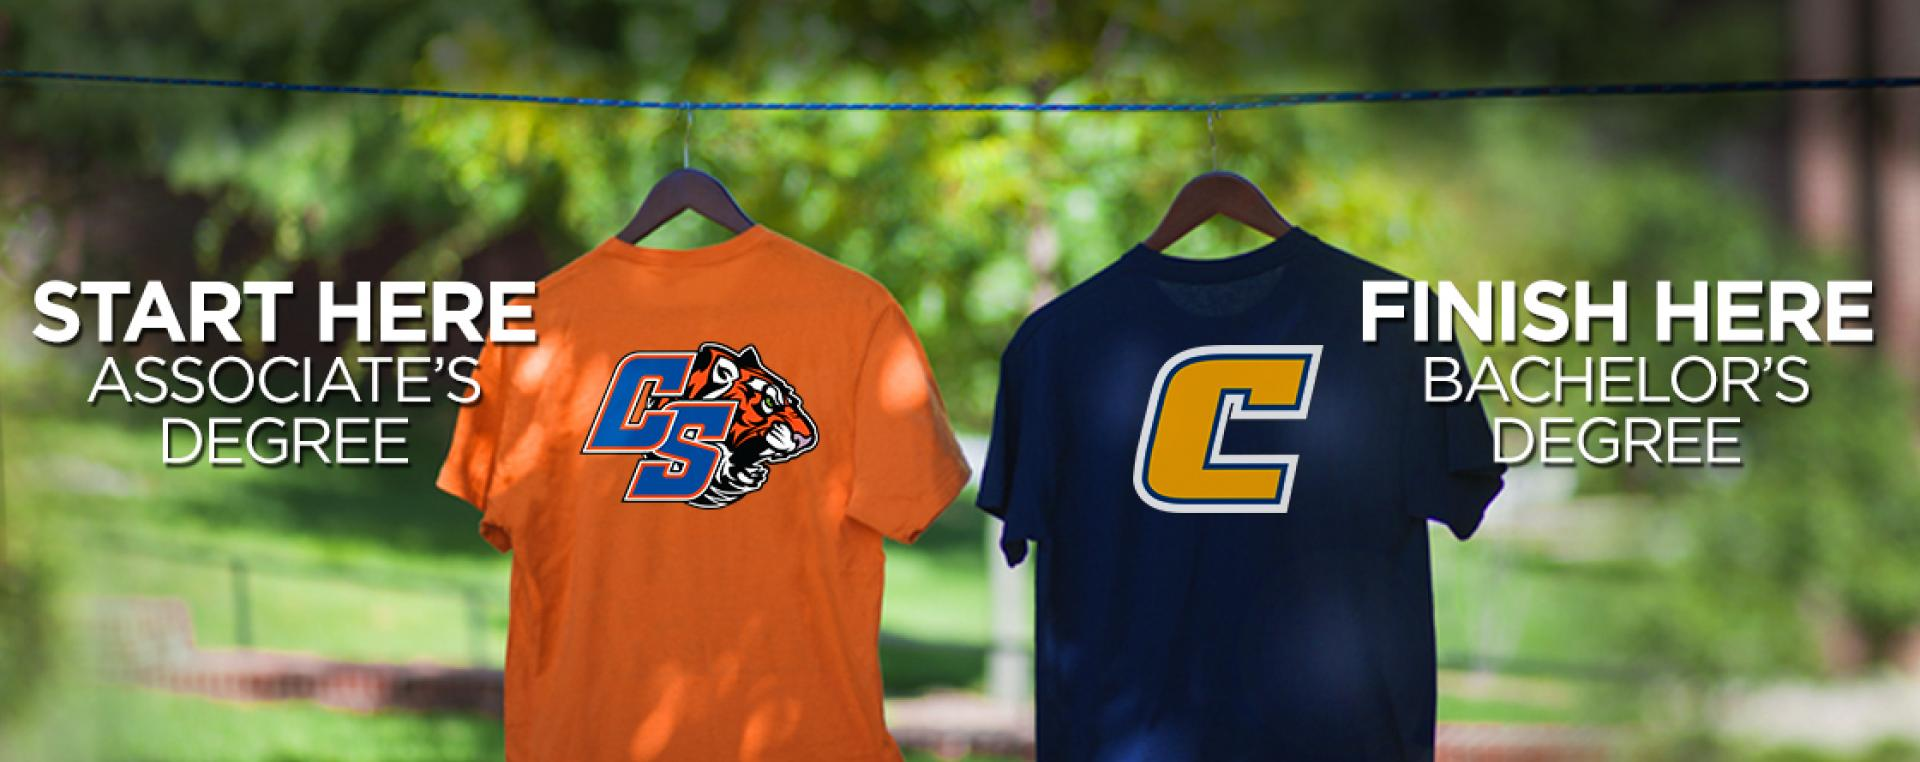 ChattState and UTC t-shirts